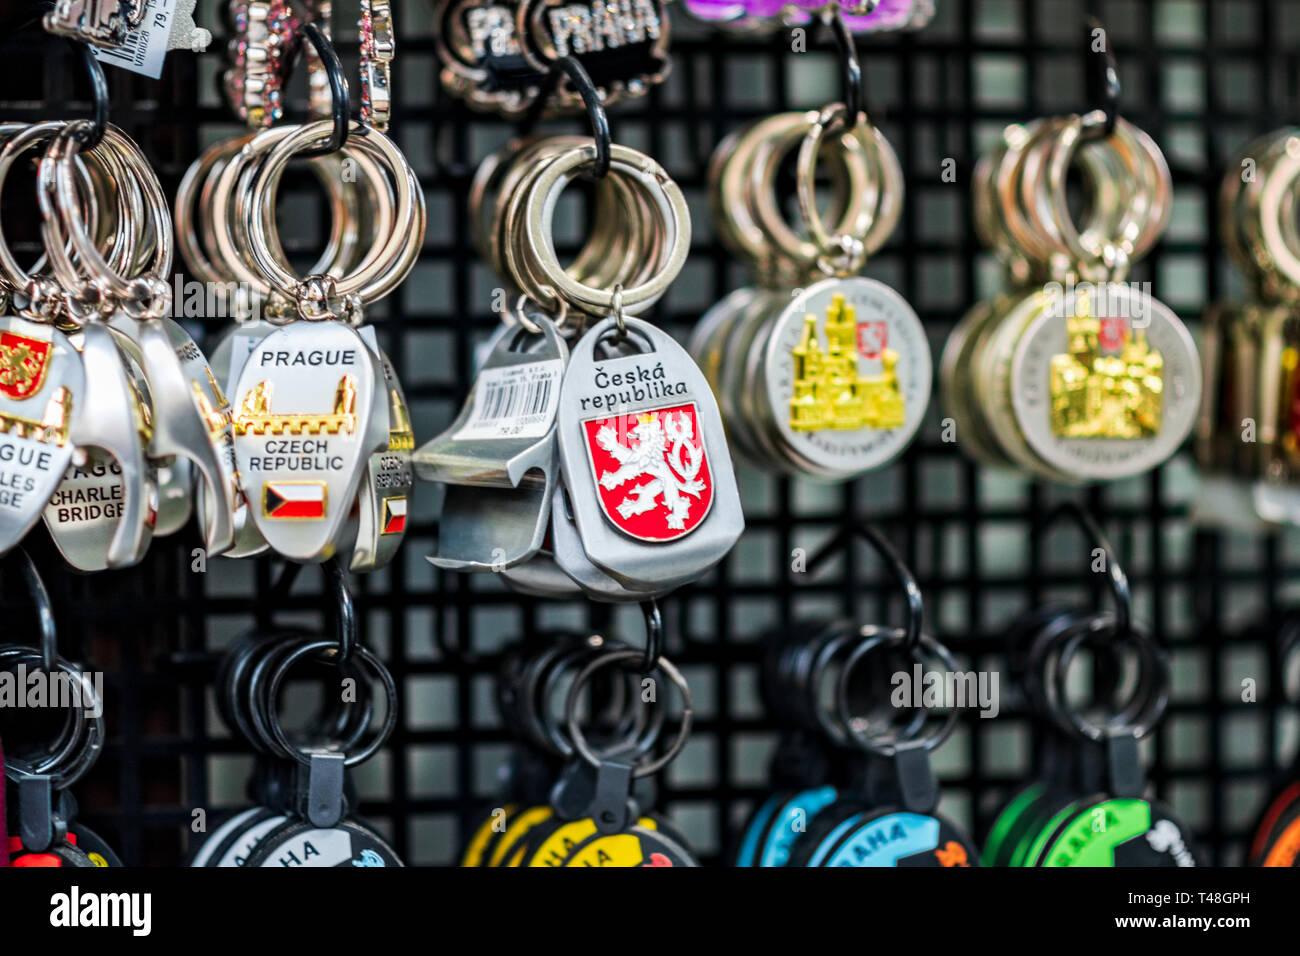 Praga, Czechia - 10APRILE 2019: tradizionale ceco souvenir portachiavi per la vendita in un negozio di souvenir a Praga Immagini Stock